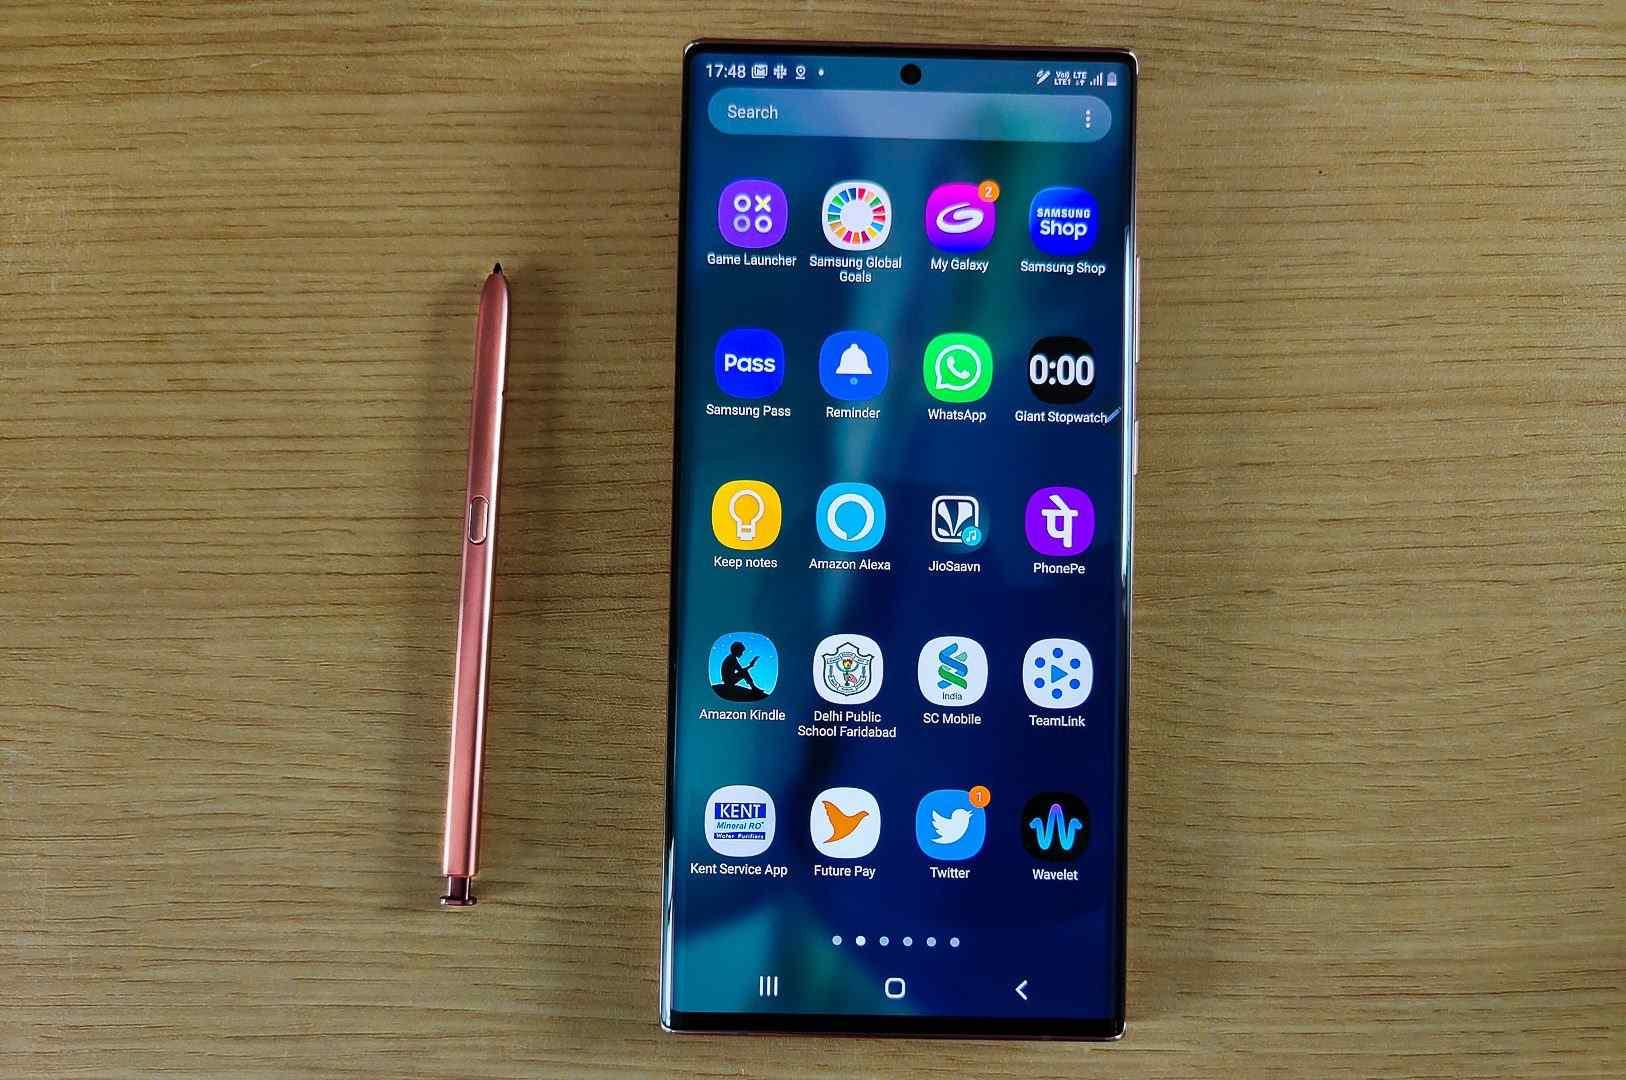 Samsung One UI 3.0-funktioner, utgivningsdatum och tidslinje för uppdatering